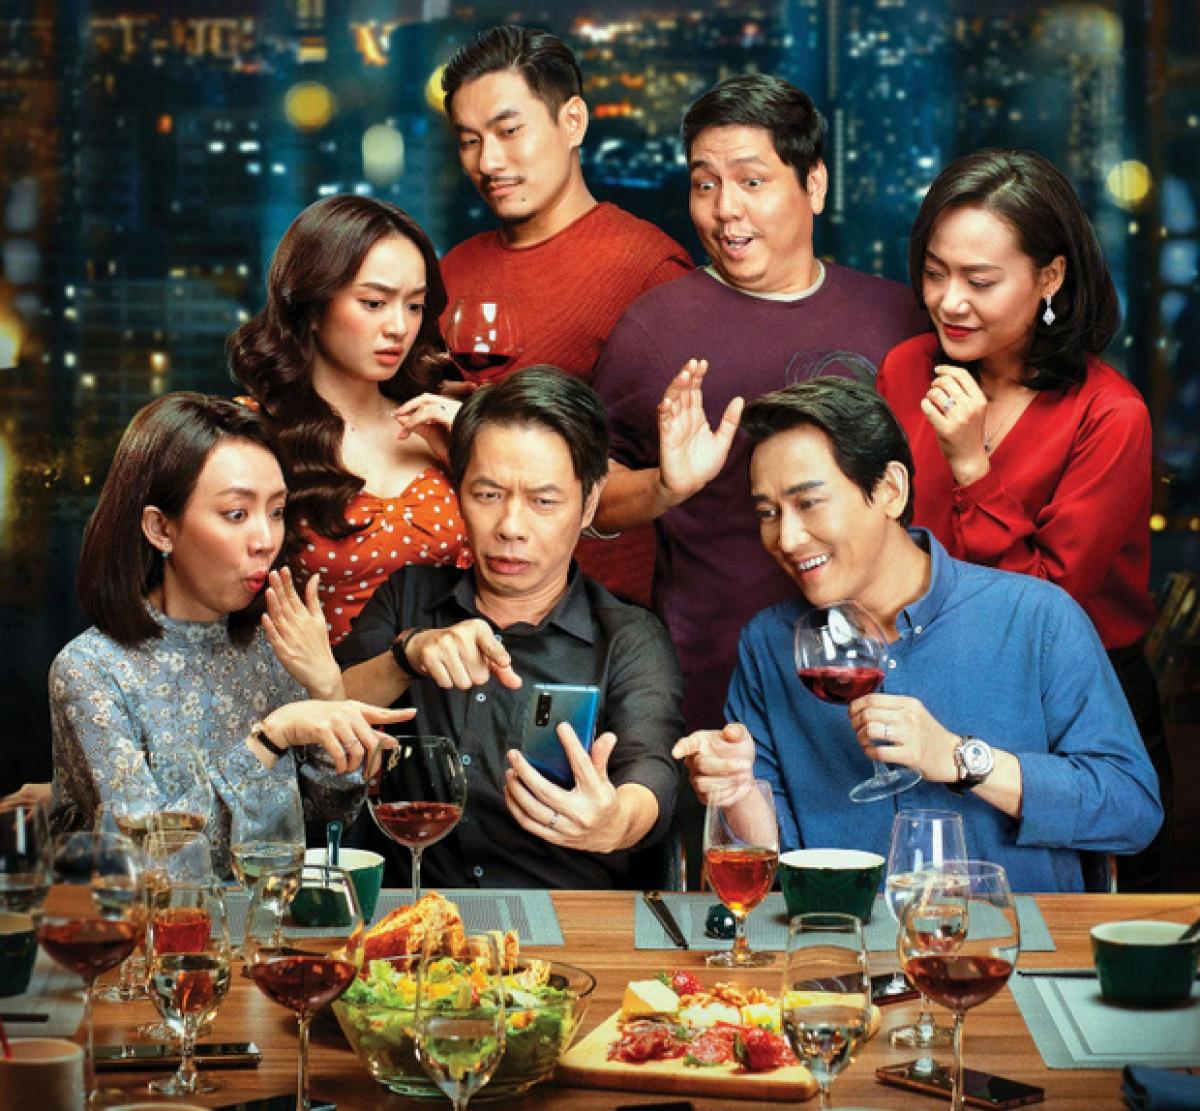 """""""Tiệc trăng máu"""" sở hữu mức doanh thu ấn tượng, cho thấy sự phục hồi mạnh mẽ của điện ảnh Việt sau dịch Covid-19."""